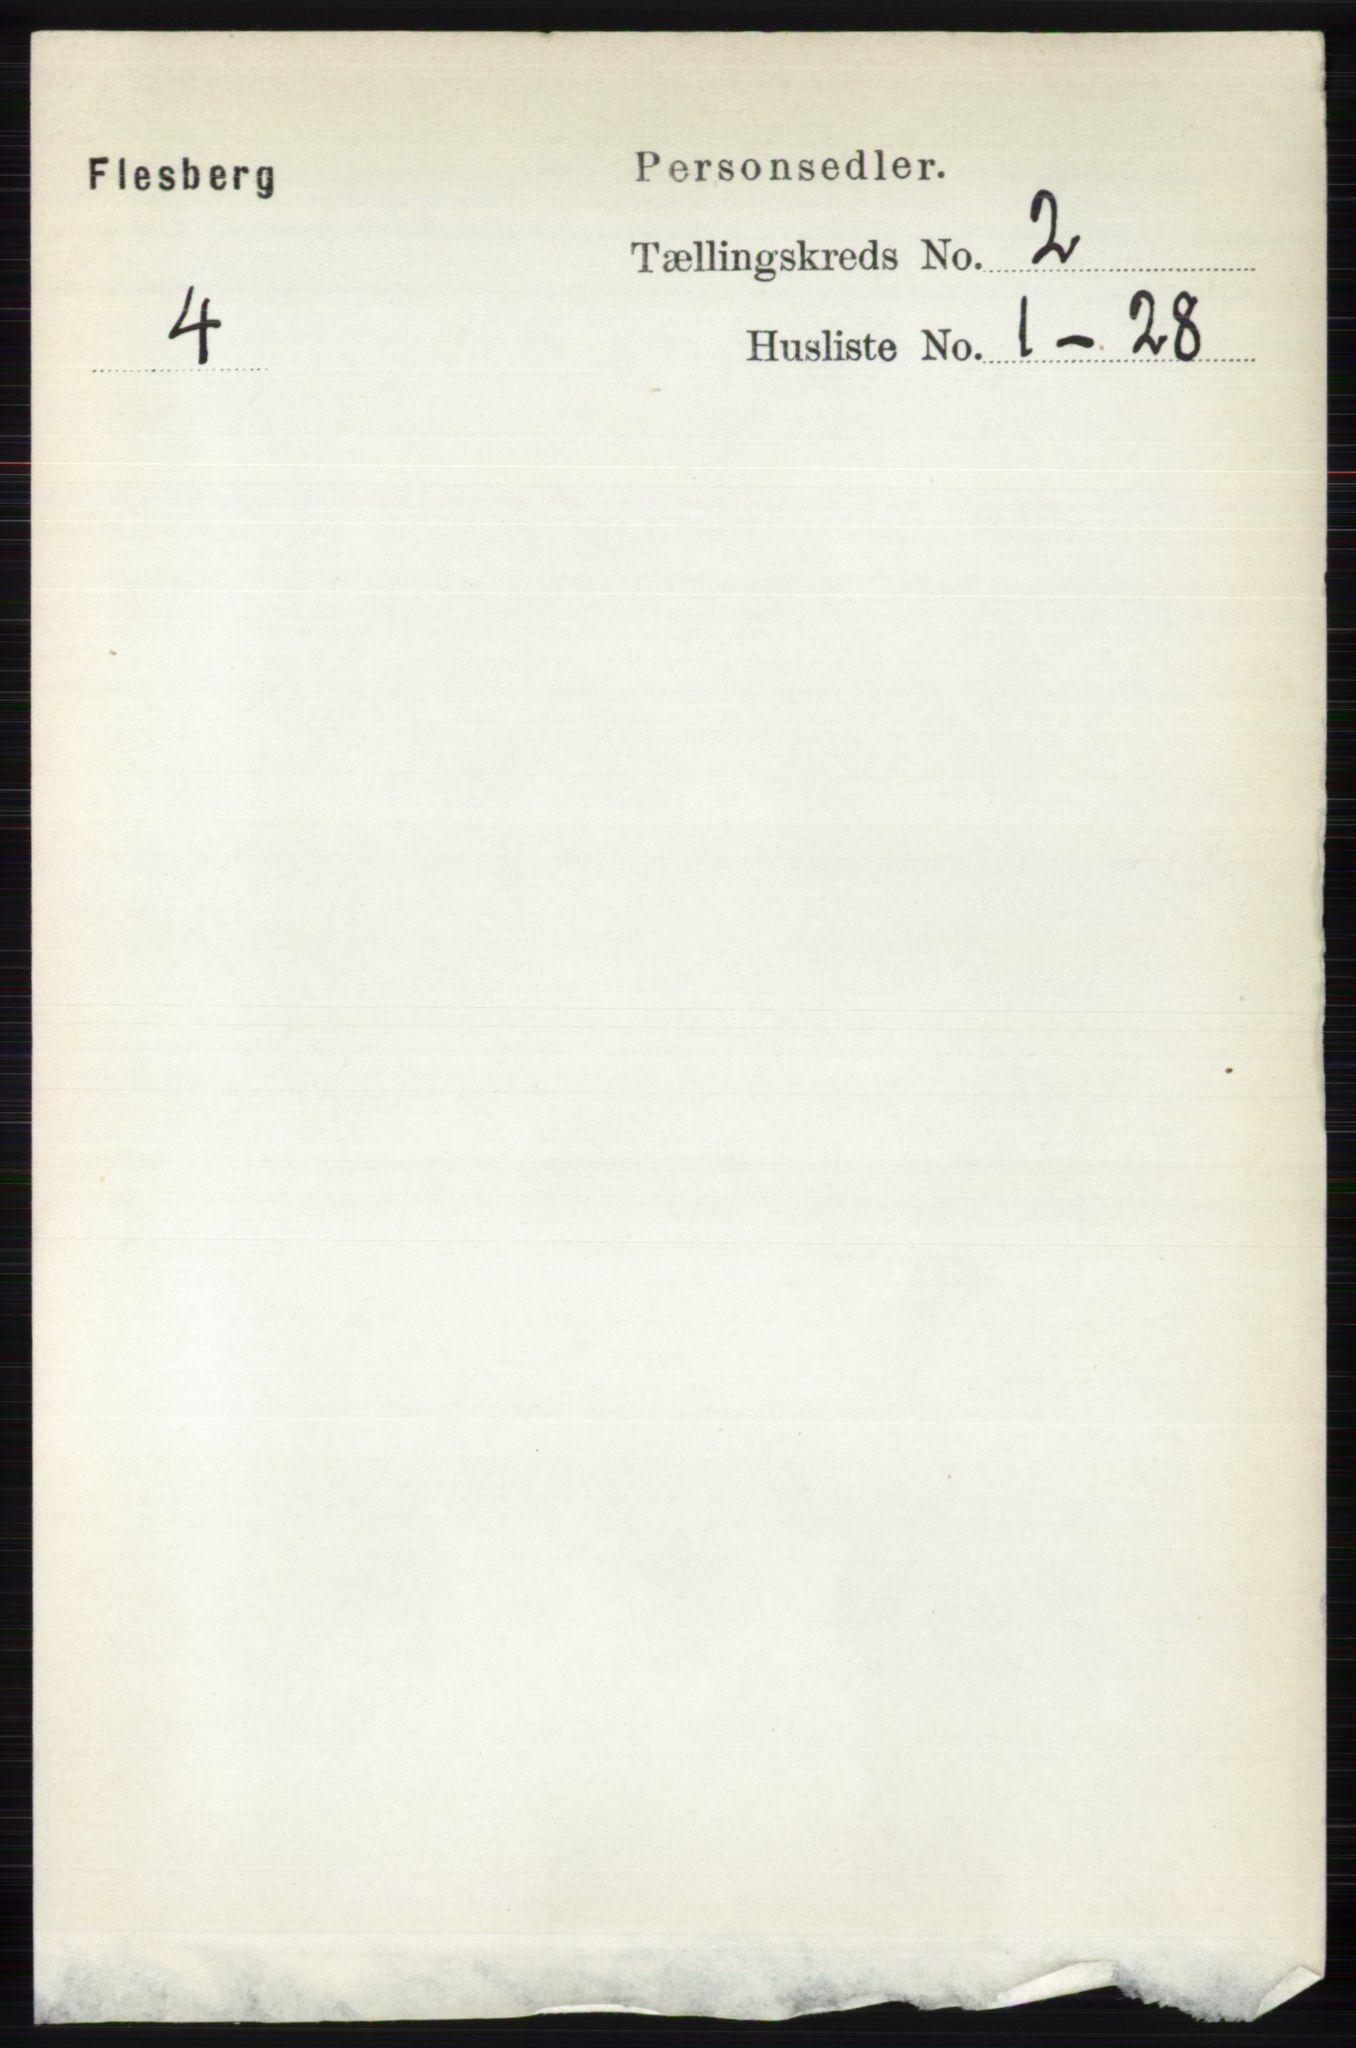 RA, Folketelling 1891 for 0631 Flesberg herred, 1891, s. 245